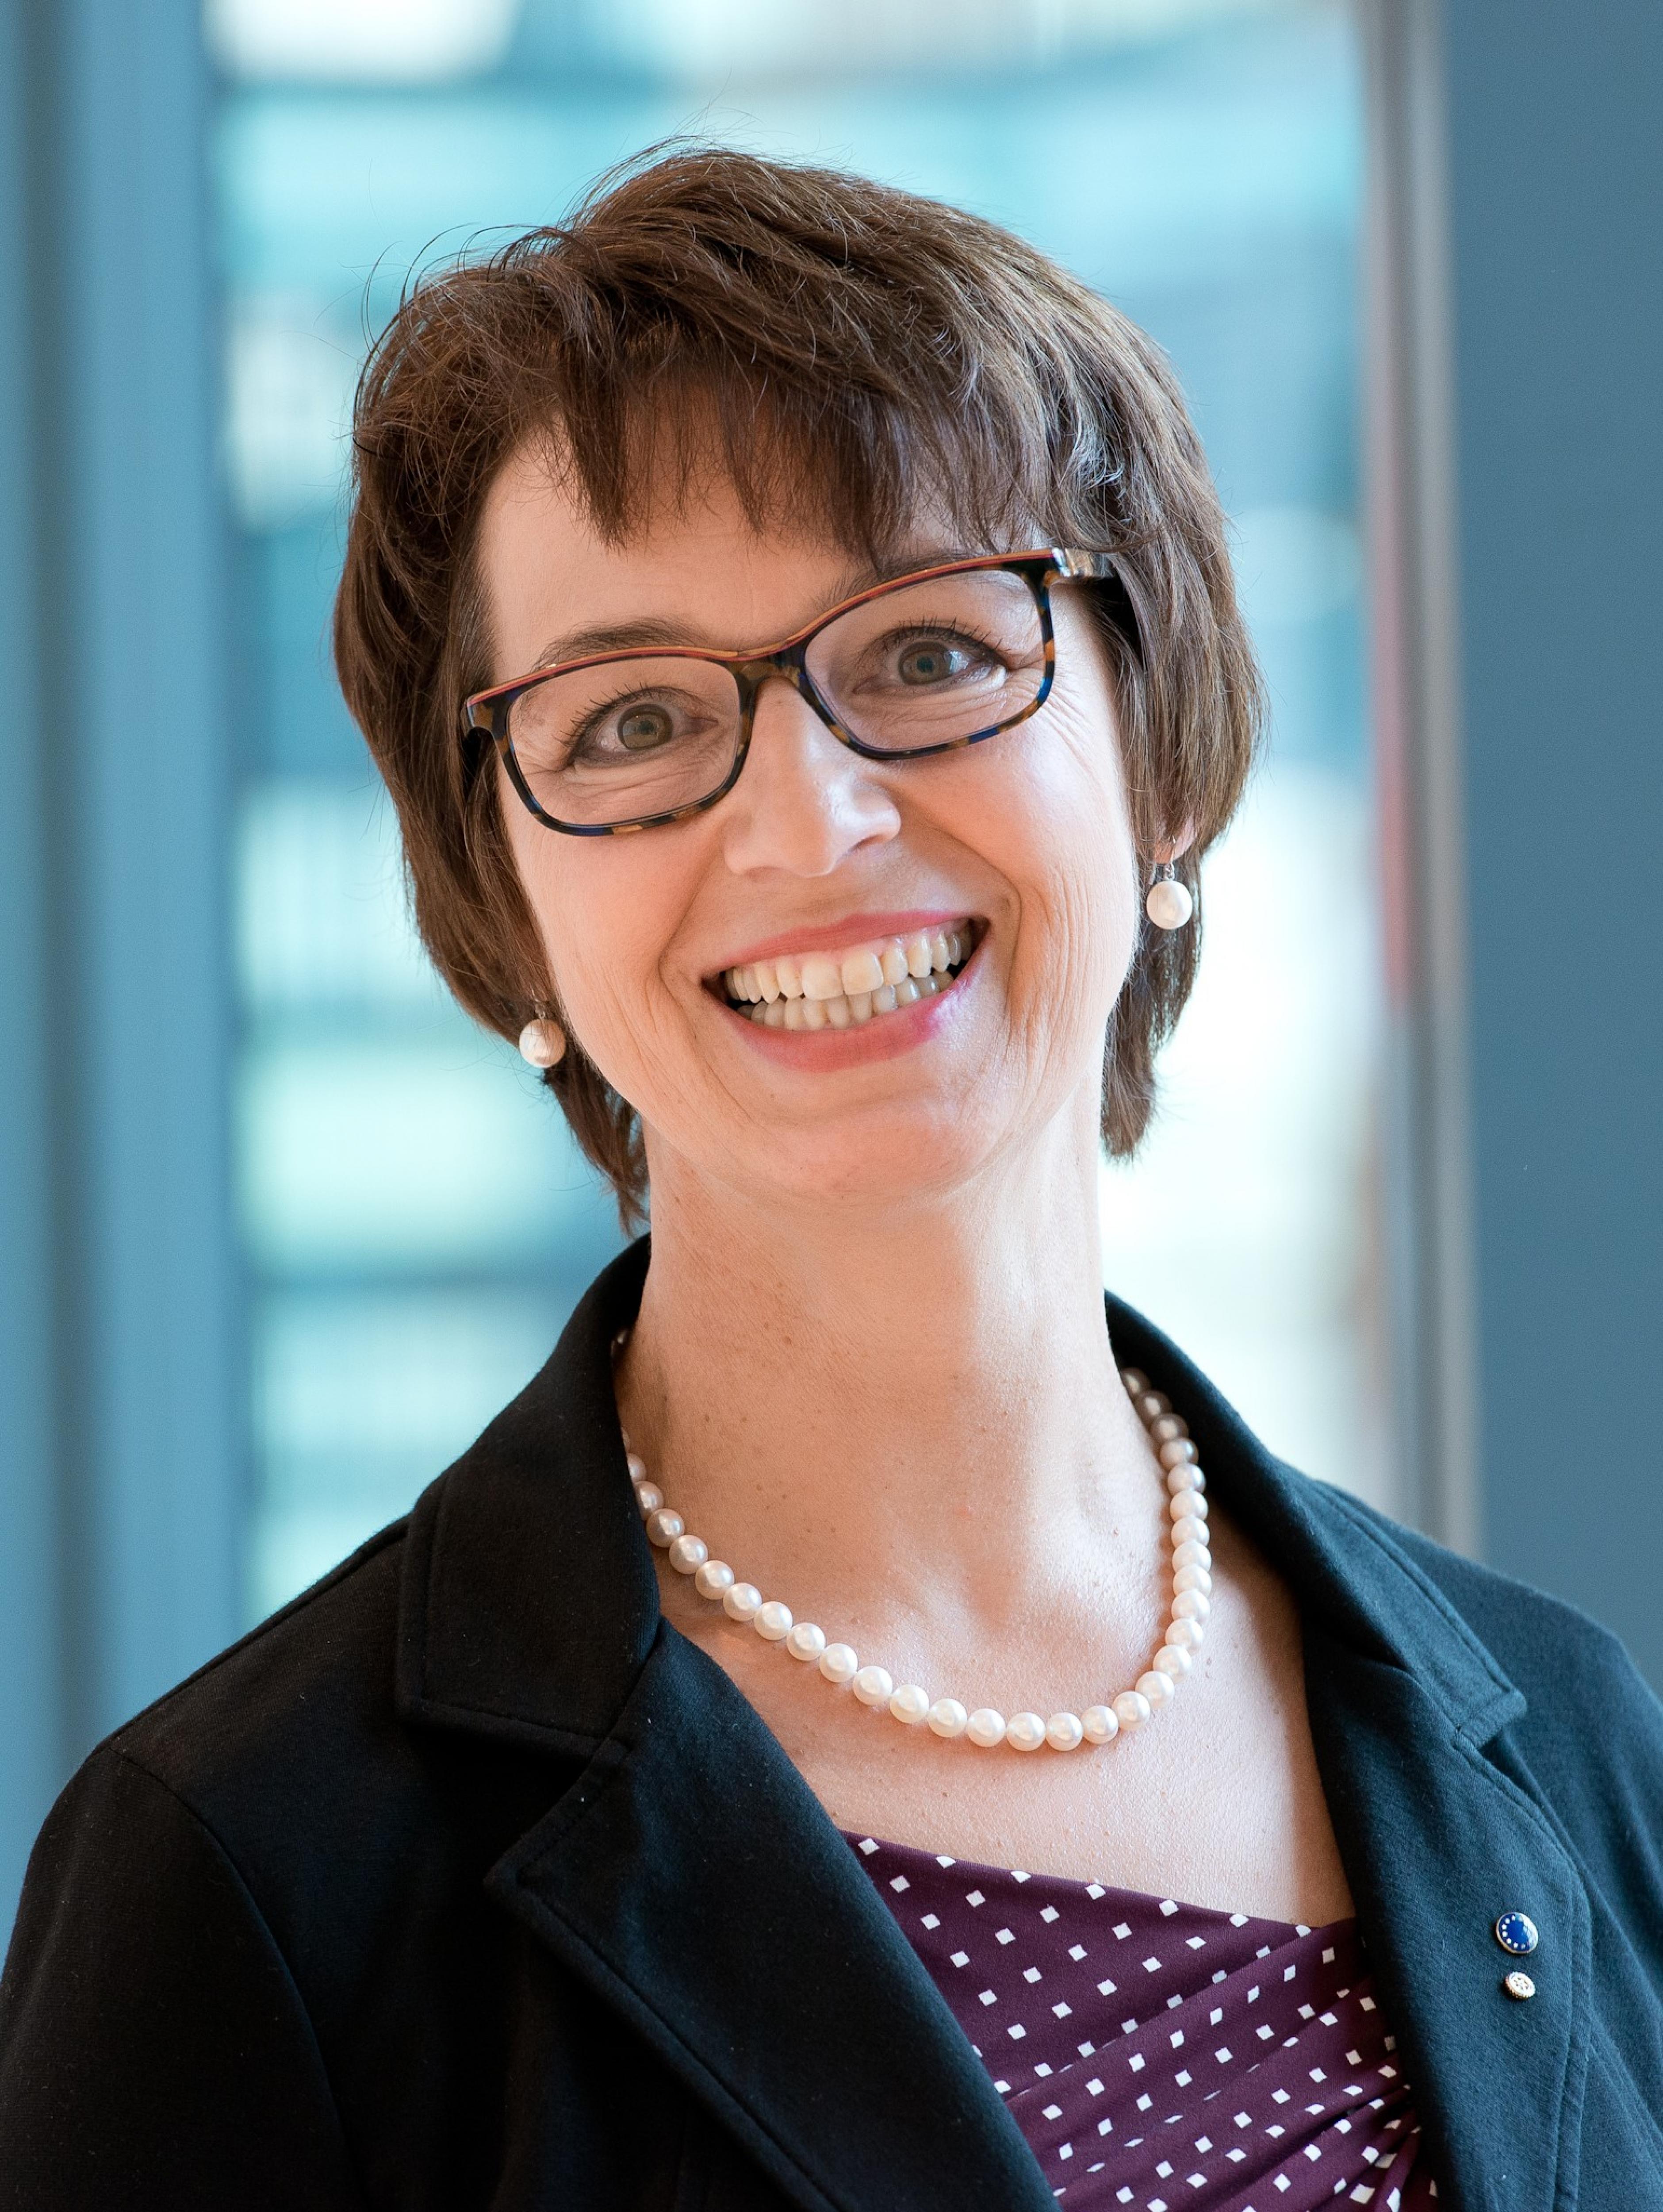 Ulrike Müller, Mitglied des Europäischen Parlaments